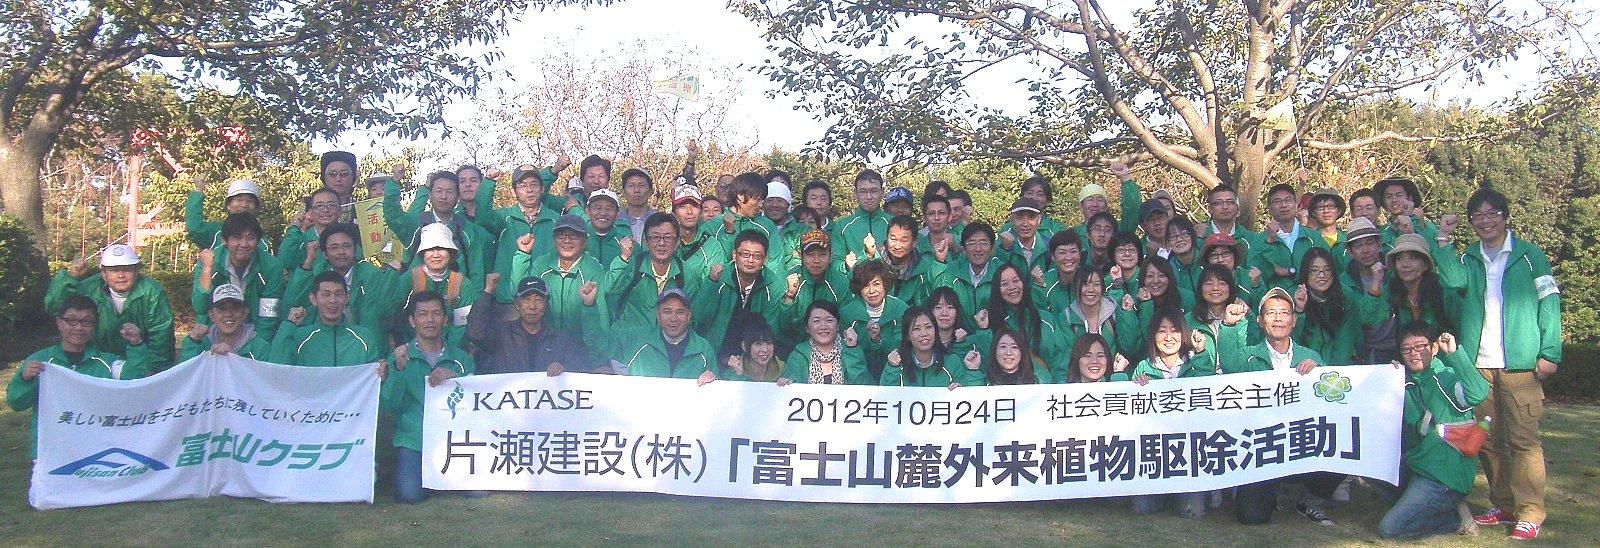 片瀬建設株式会社の皆様と特定外来生物駆除活動を実施しました!!